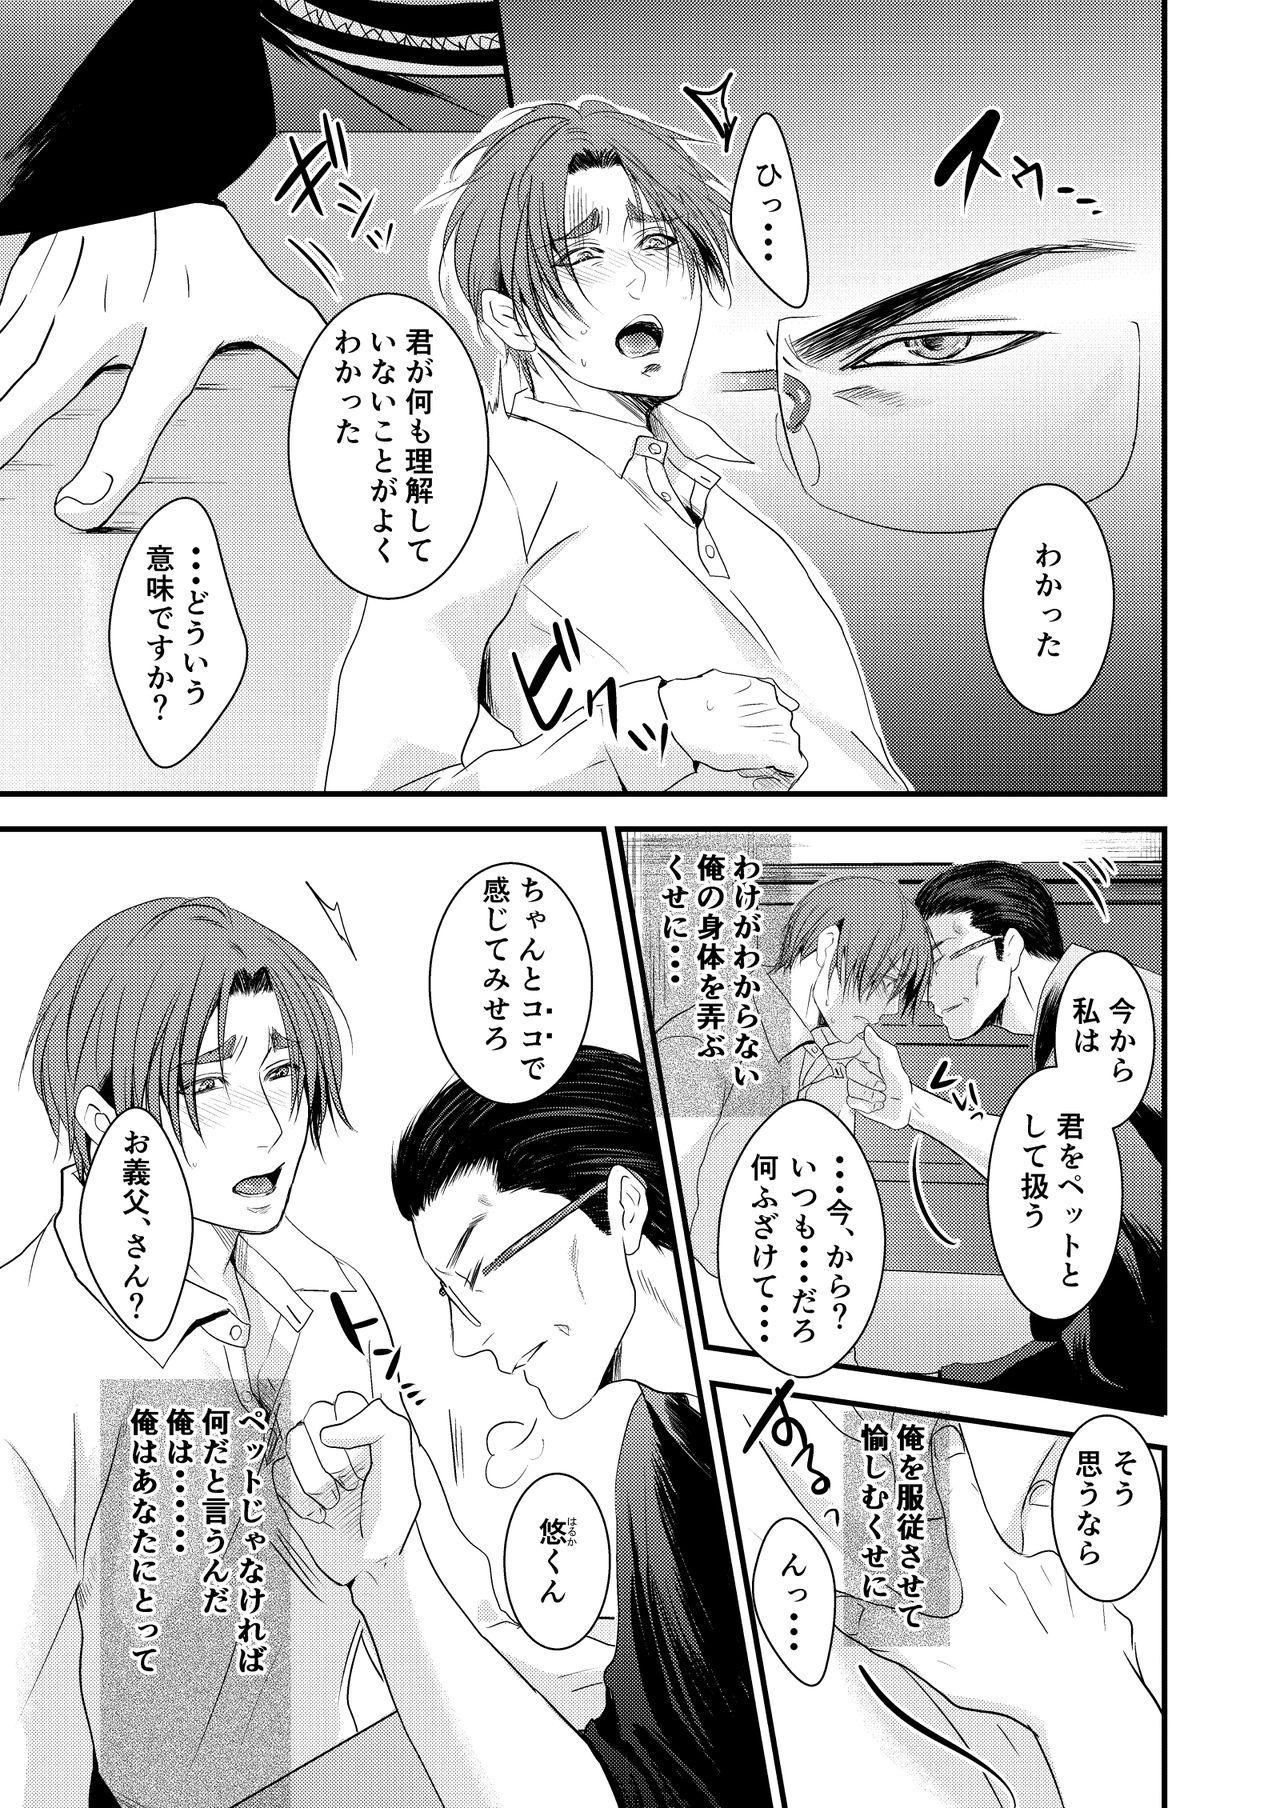 [Nengaranenjuu] Kono Ai wa Yamai ni Nite iru (Bangaihen) Shitsuke no Kura [Digital] 6